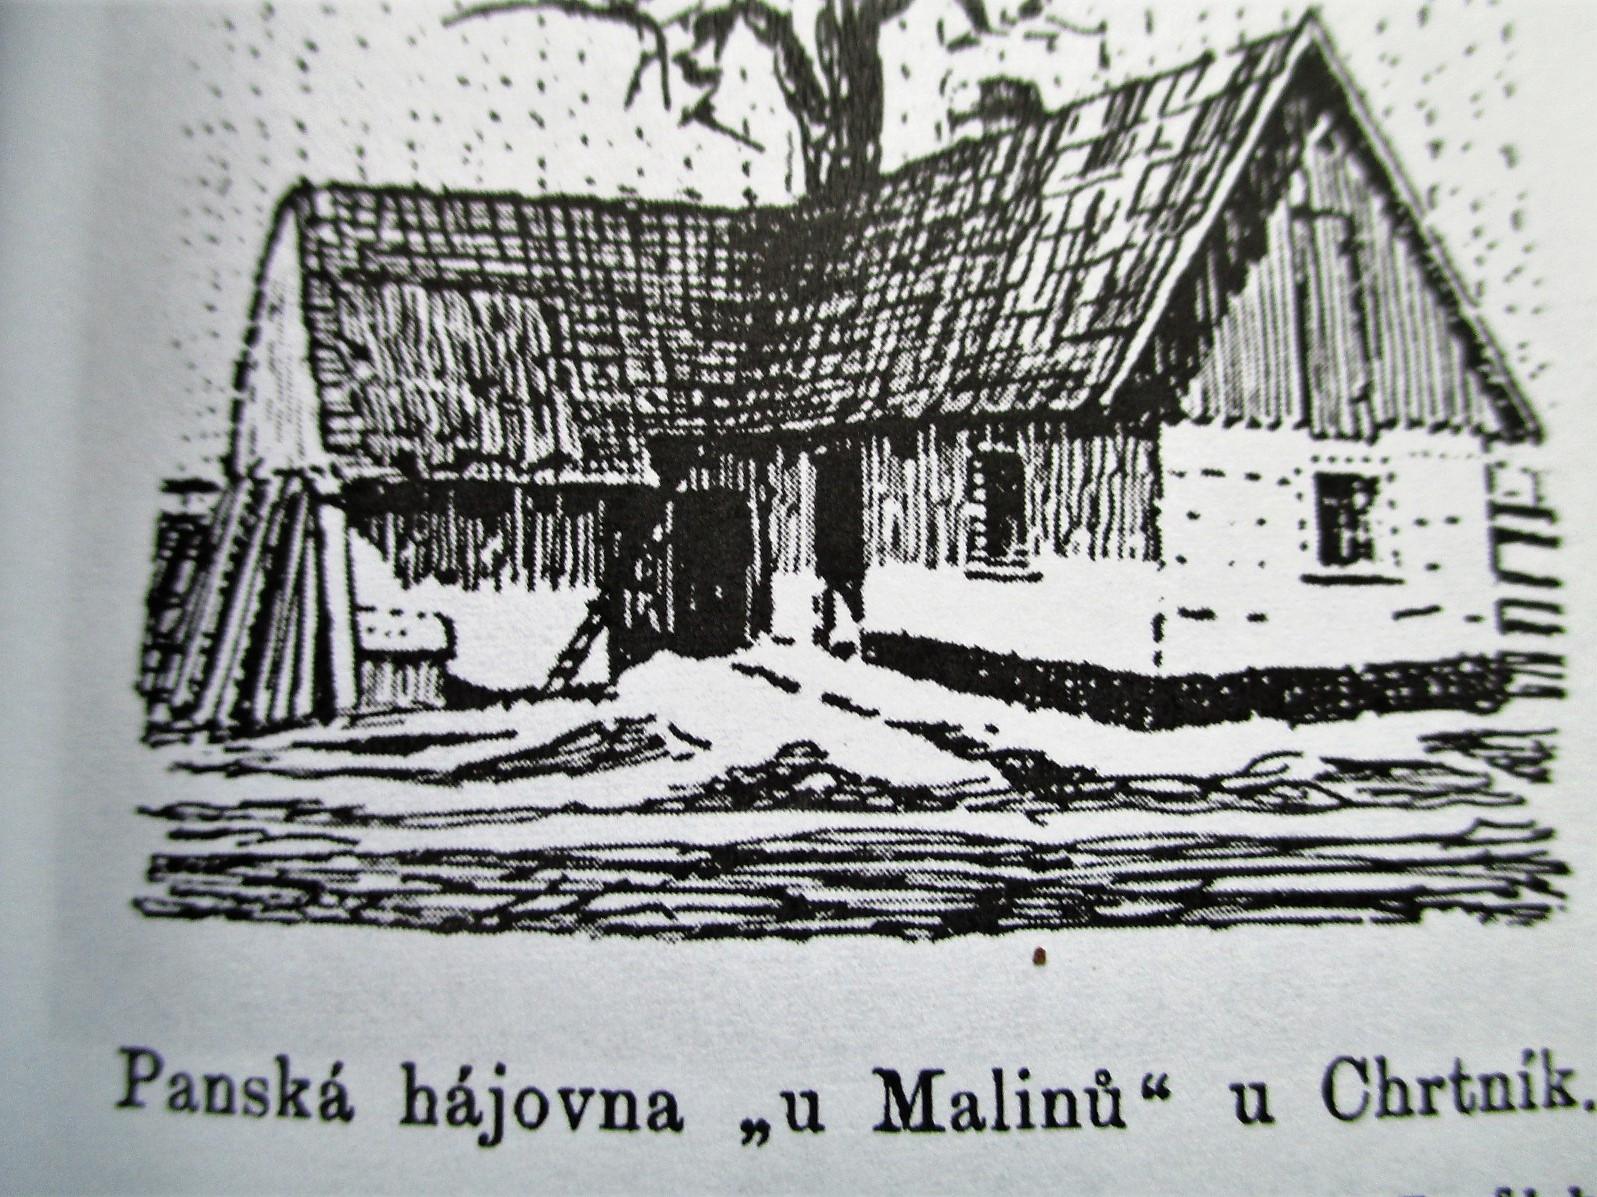 panská hájovna (nad Cihelnou)